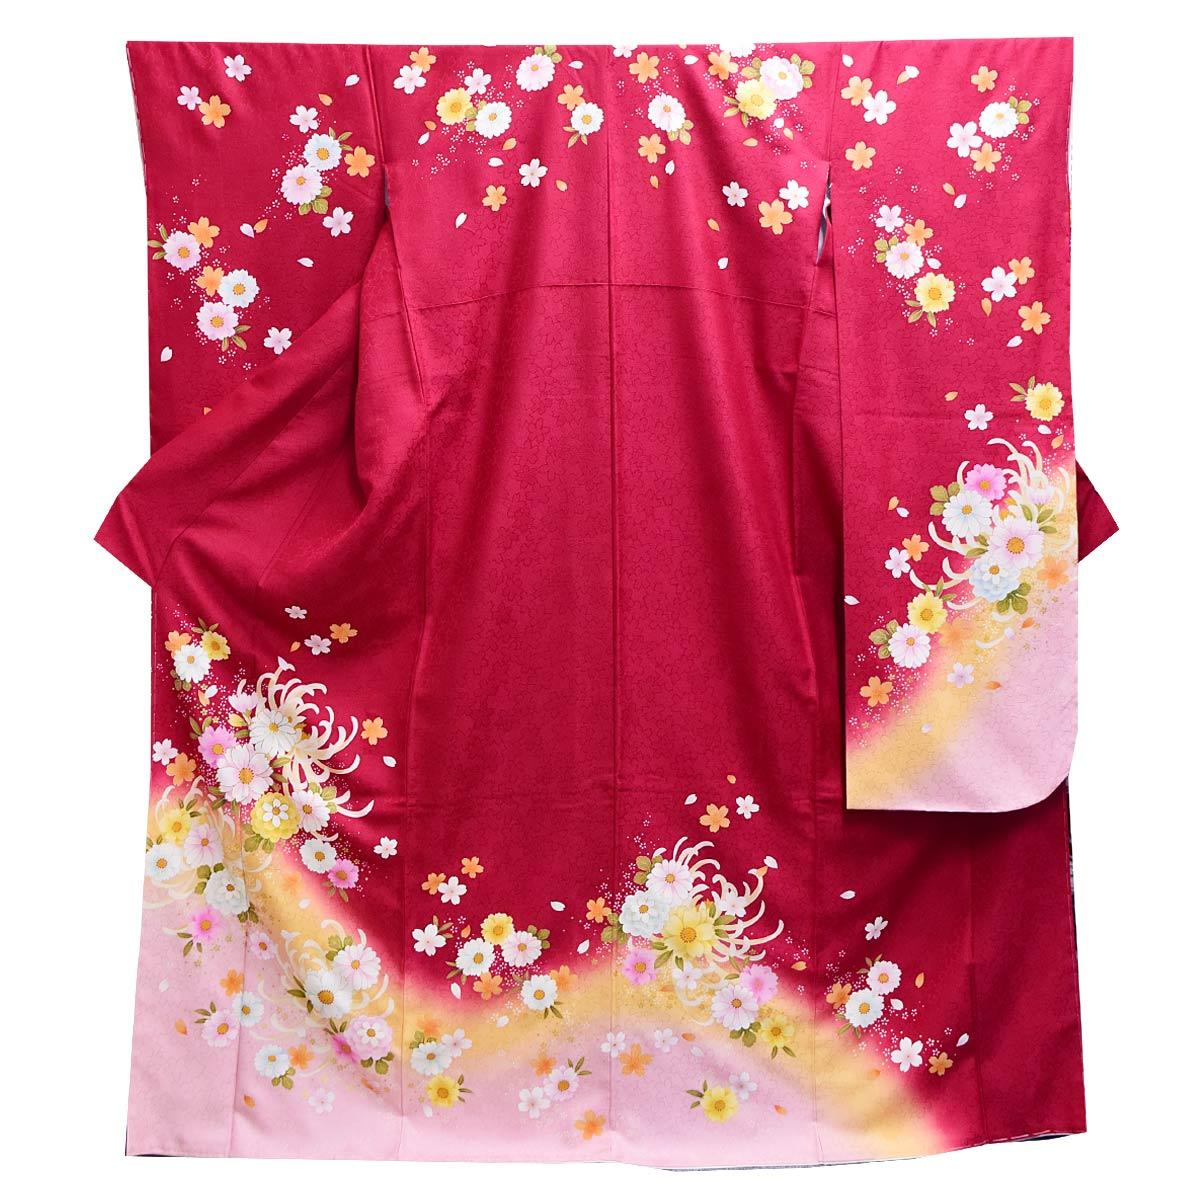 《30%オフクーポン利用可》お買い物マラソン高級 仕立て上がり 振袖 単品成人式 結婚式 パーティー 礼装 赤 ピンク 花柄番号d401-11